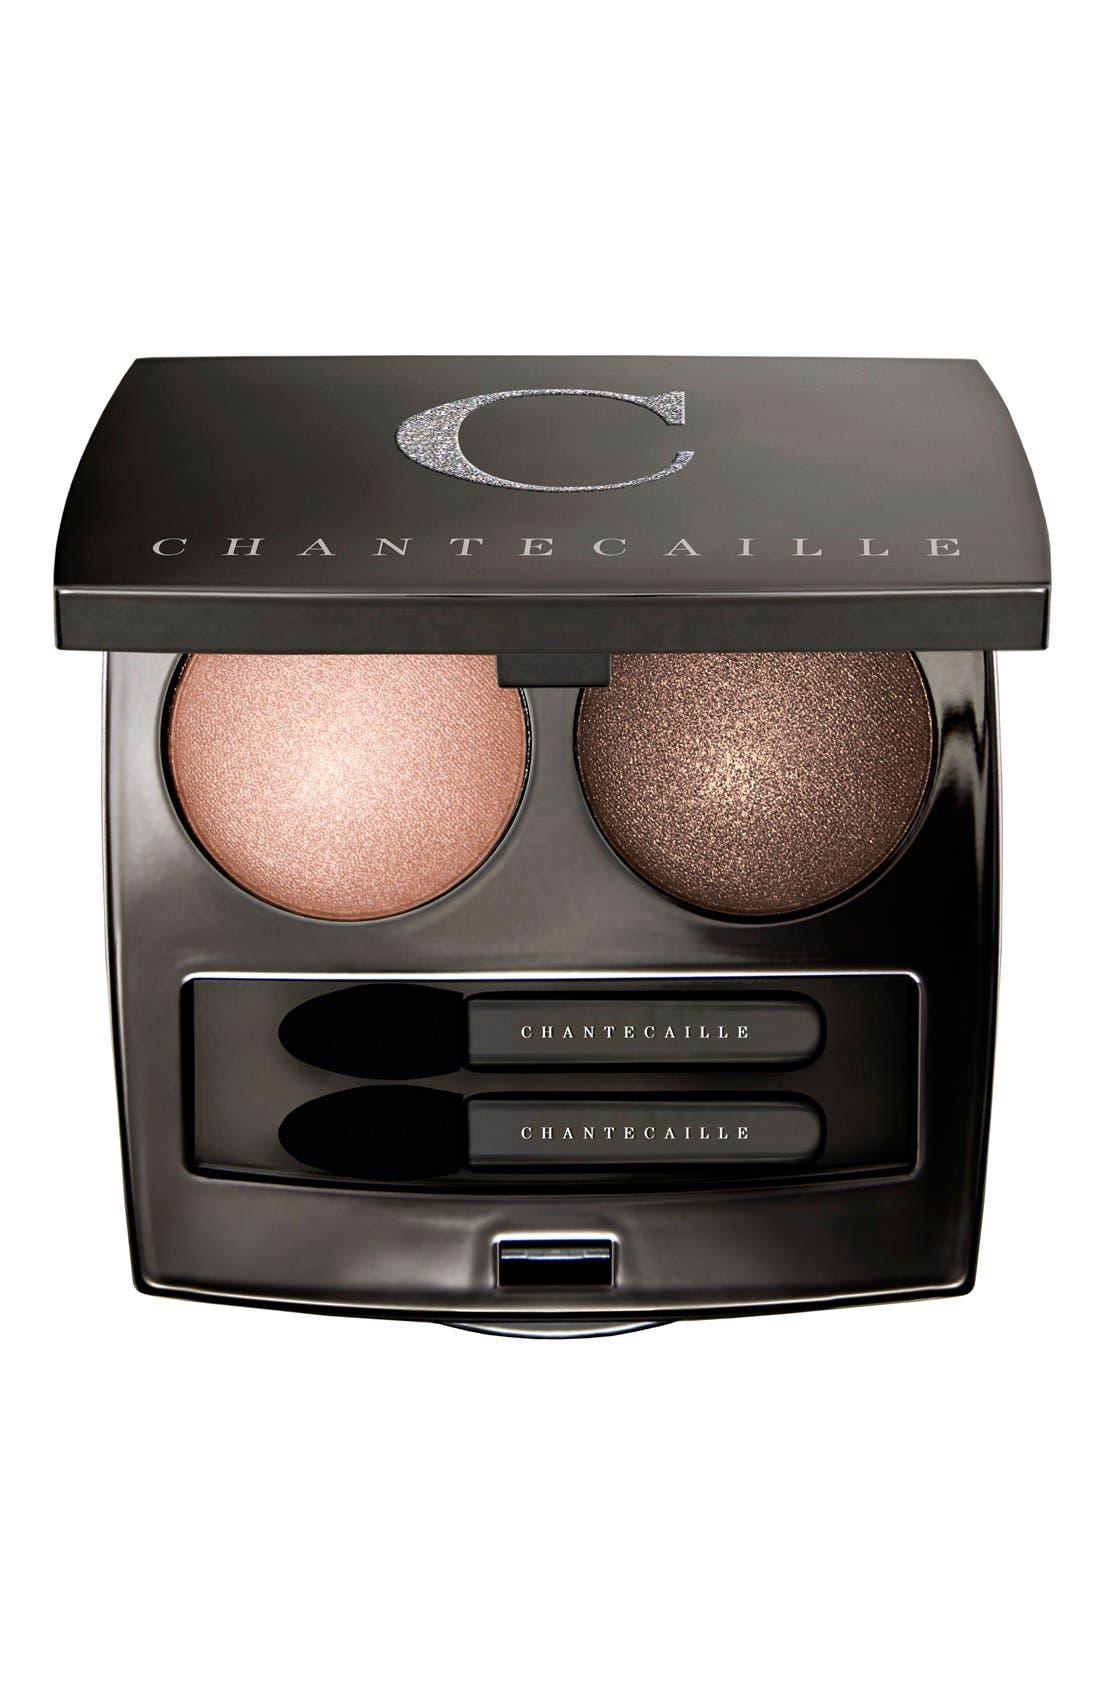 Chantecaille Le Chrome Monte Carlo Luxe Eye Duo